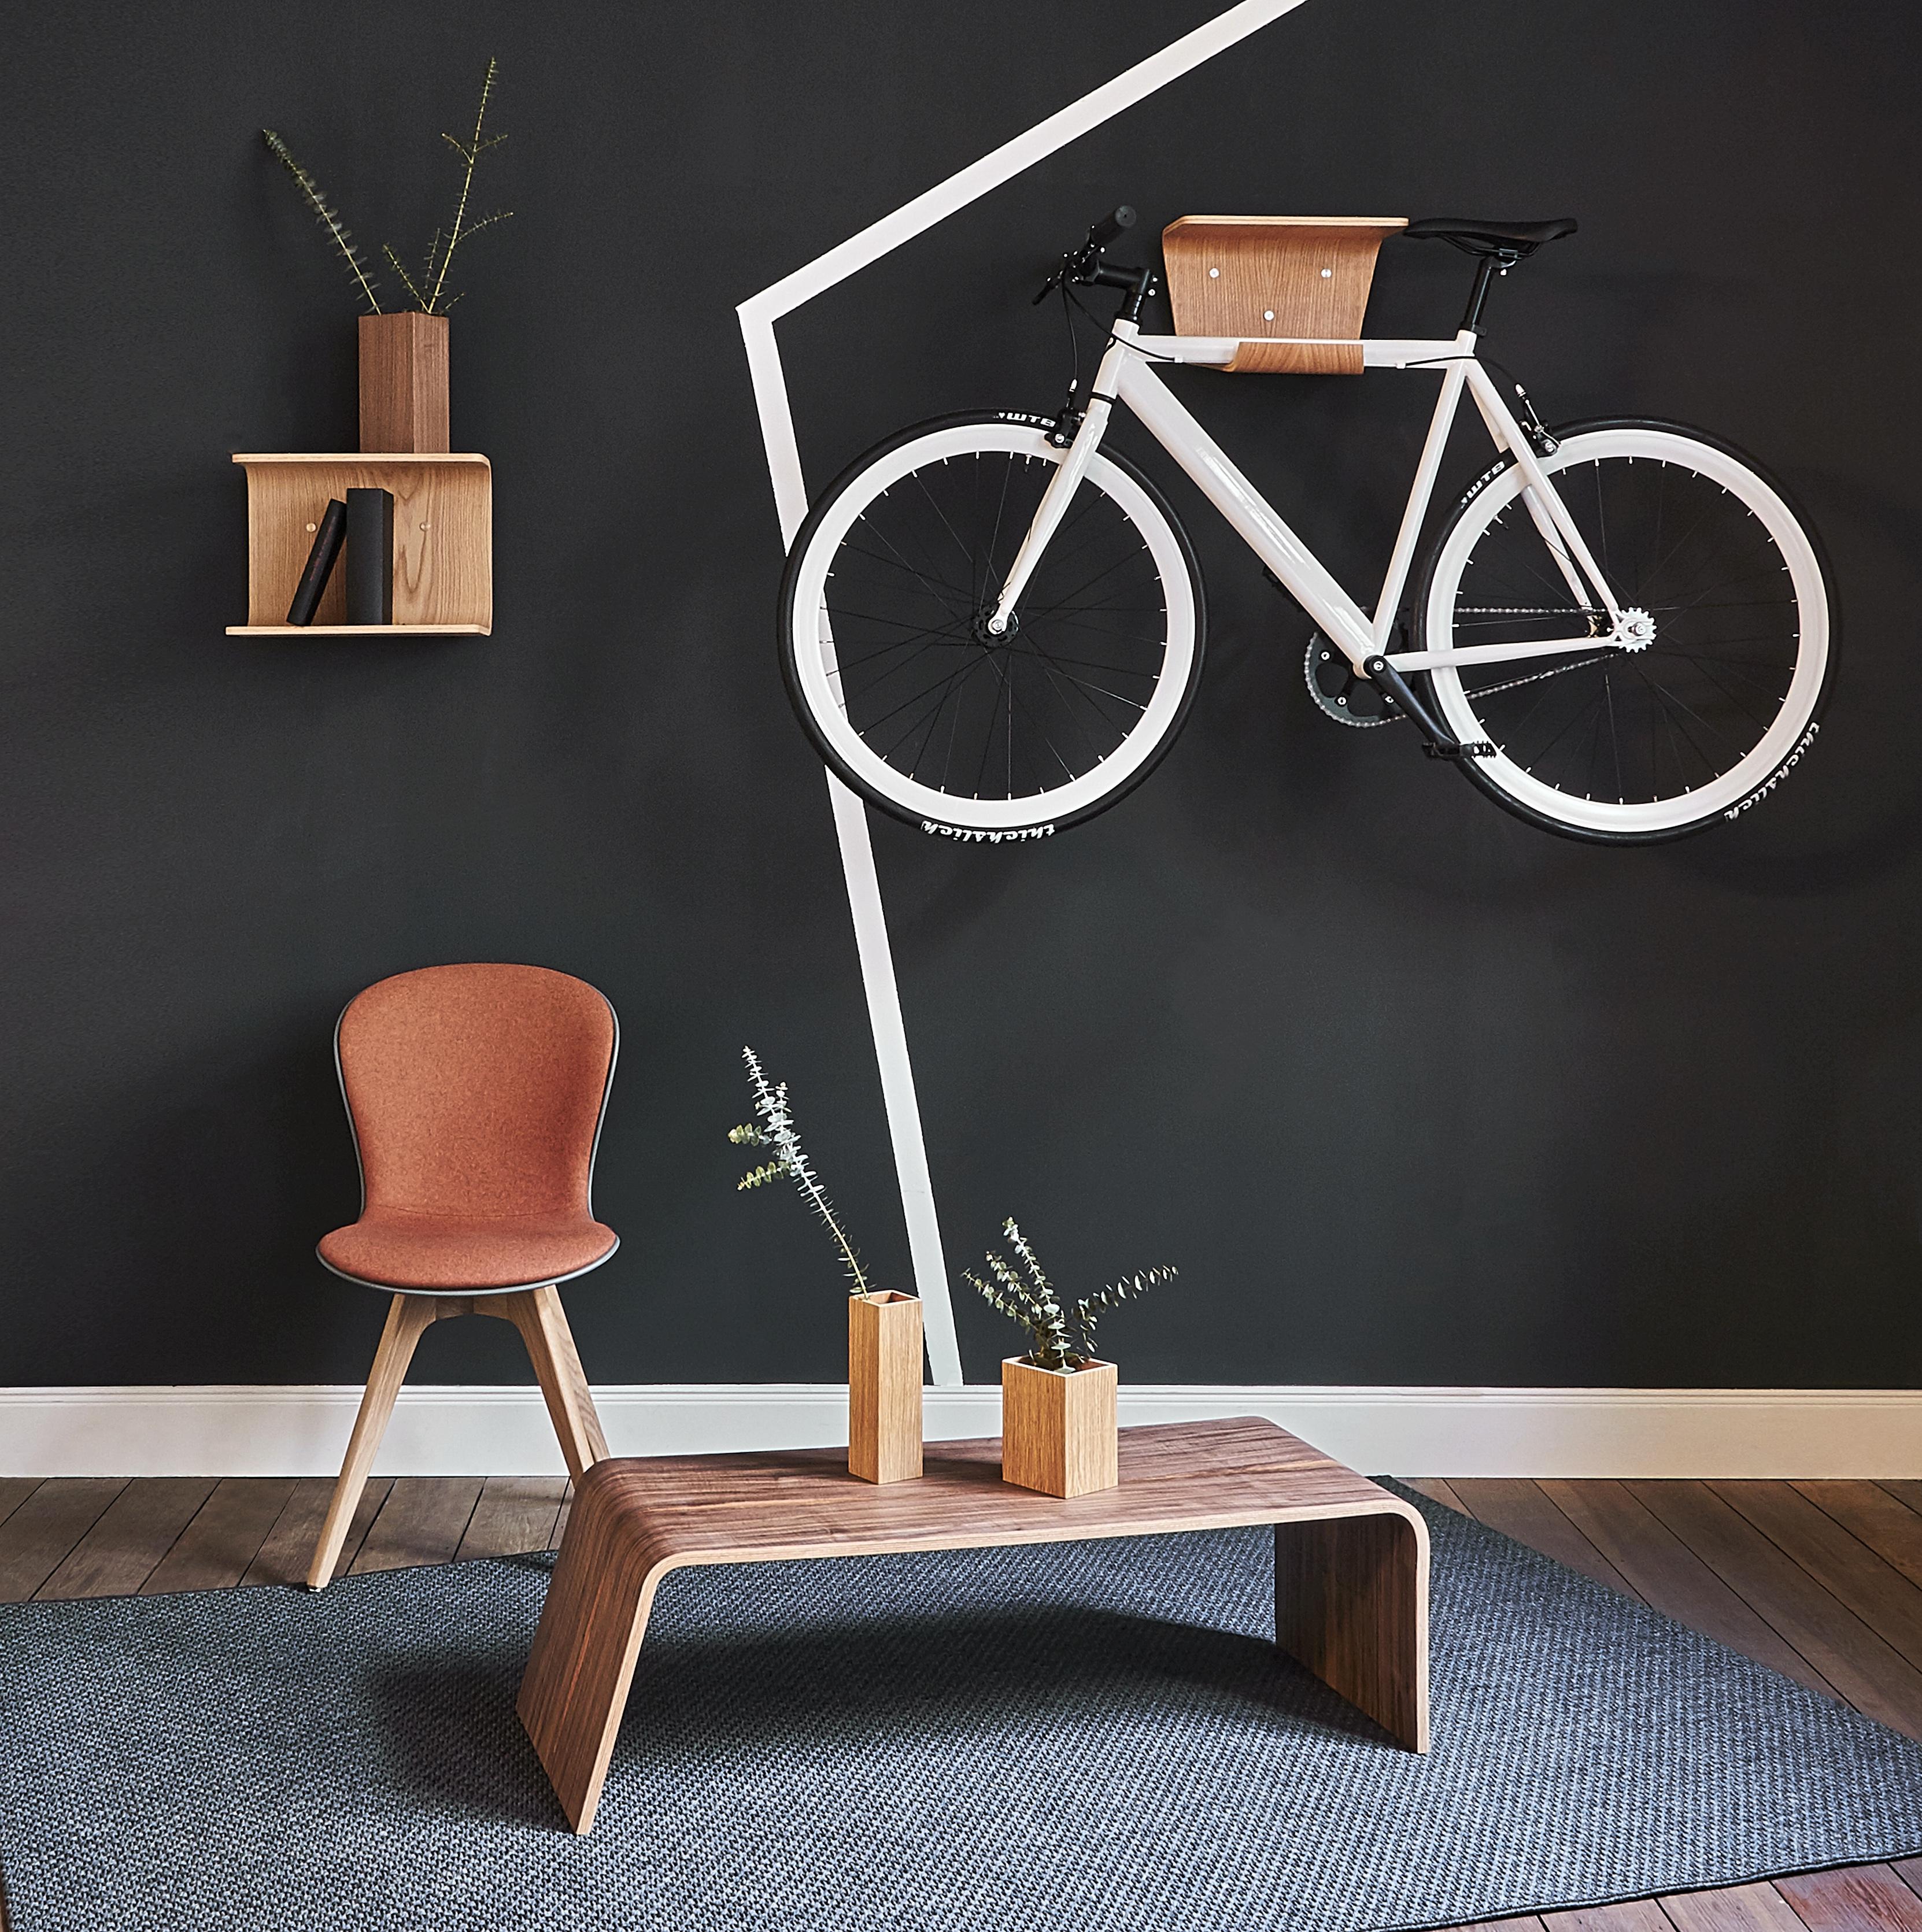 Made by BENT – Nyt dansk design du skal holde øje med